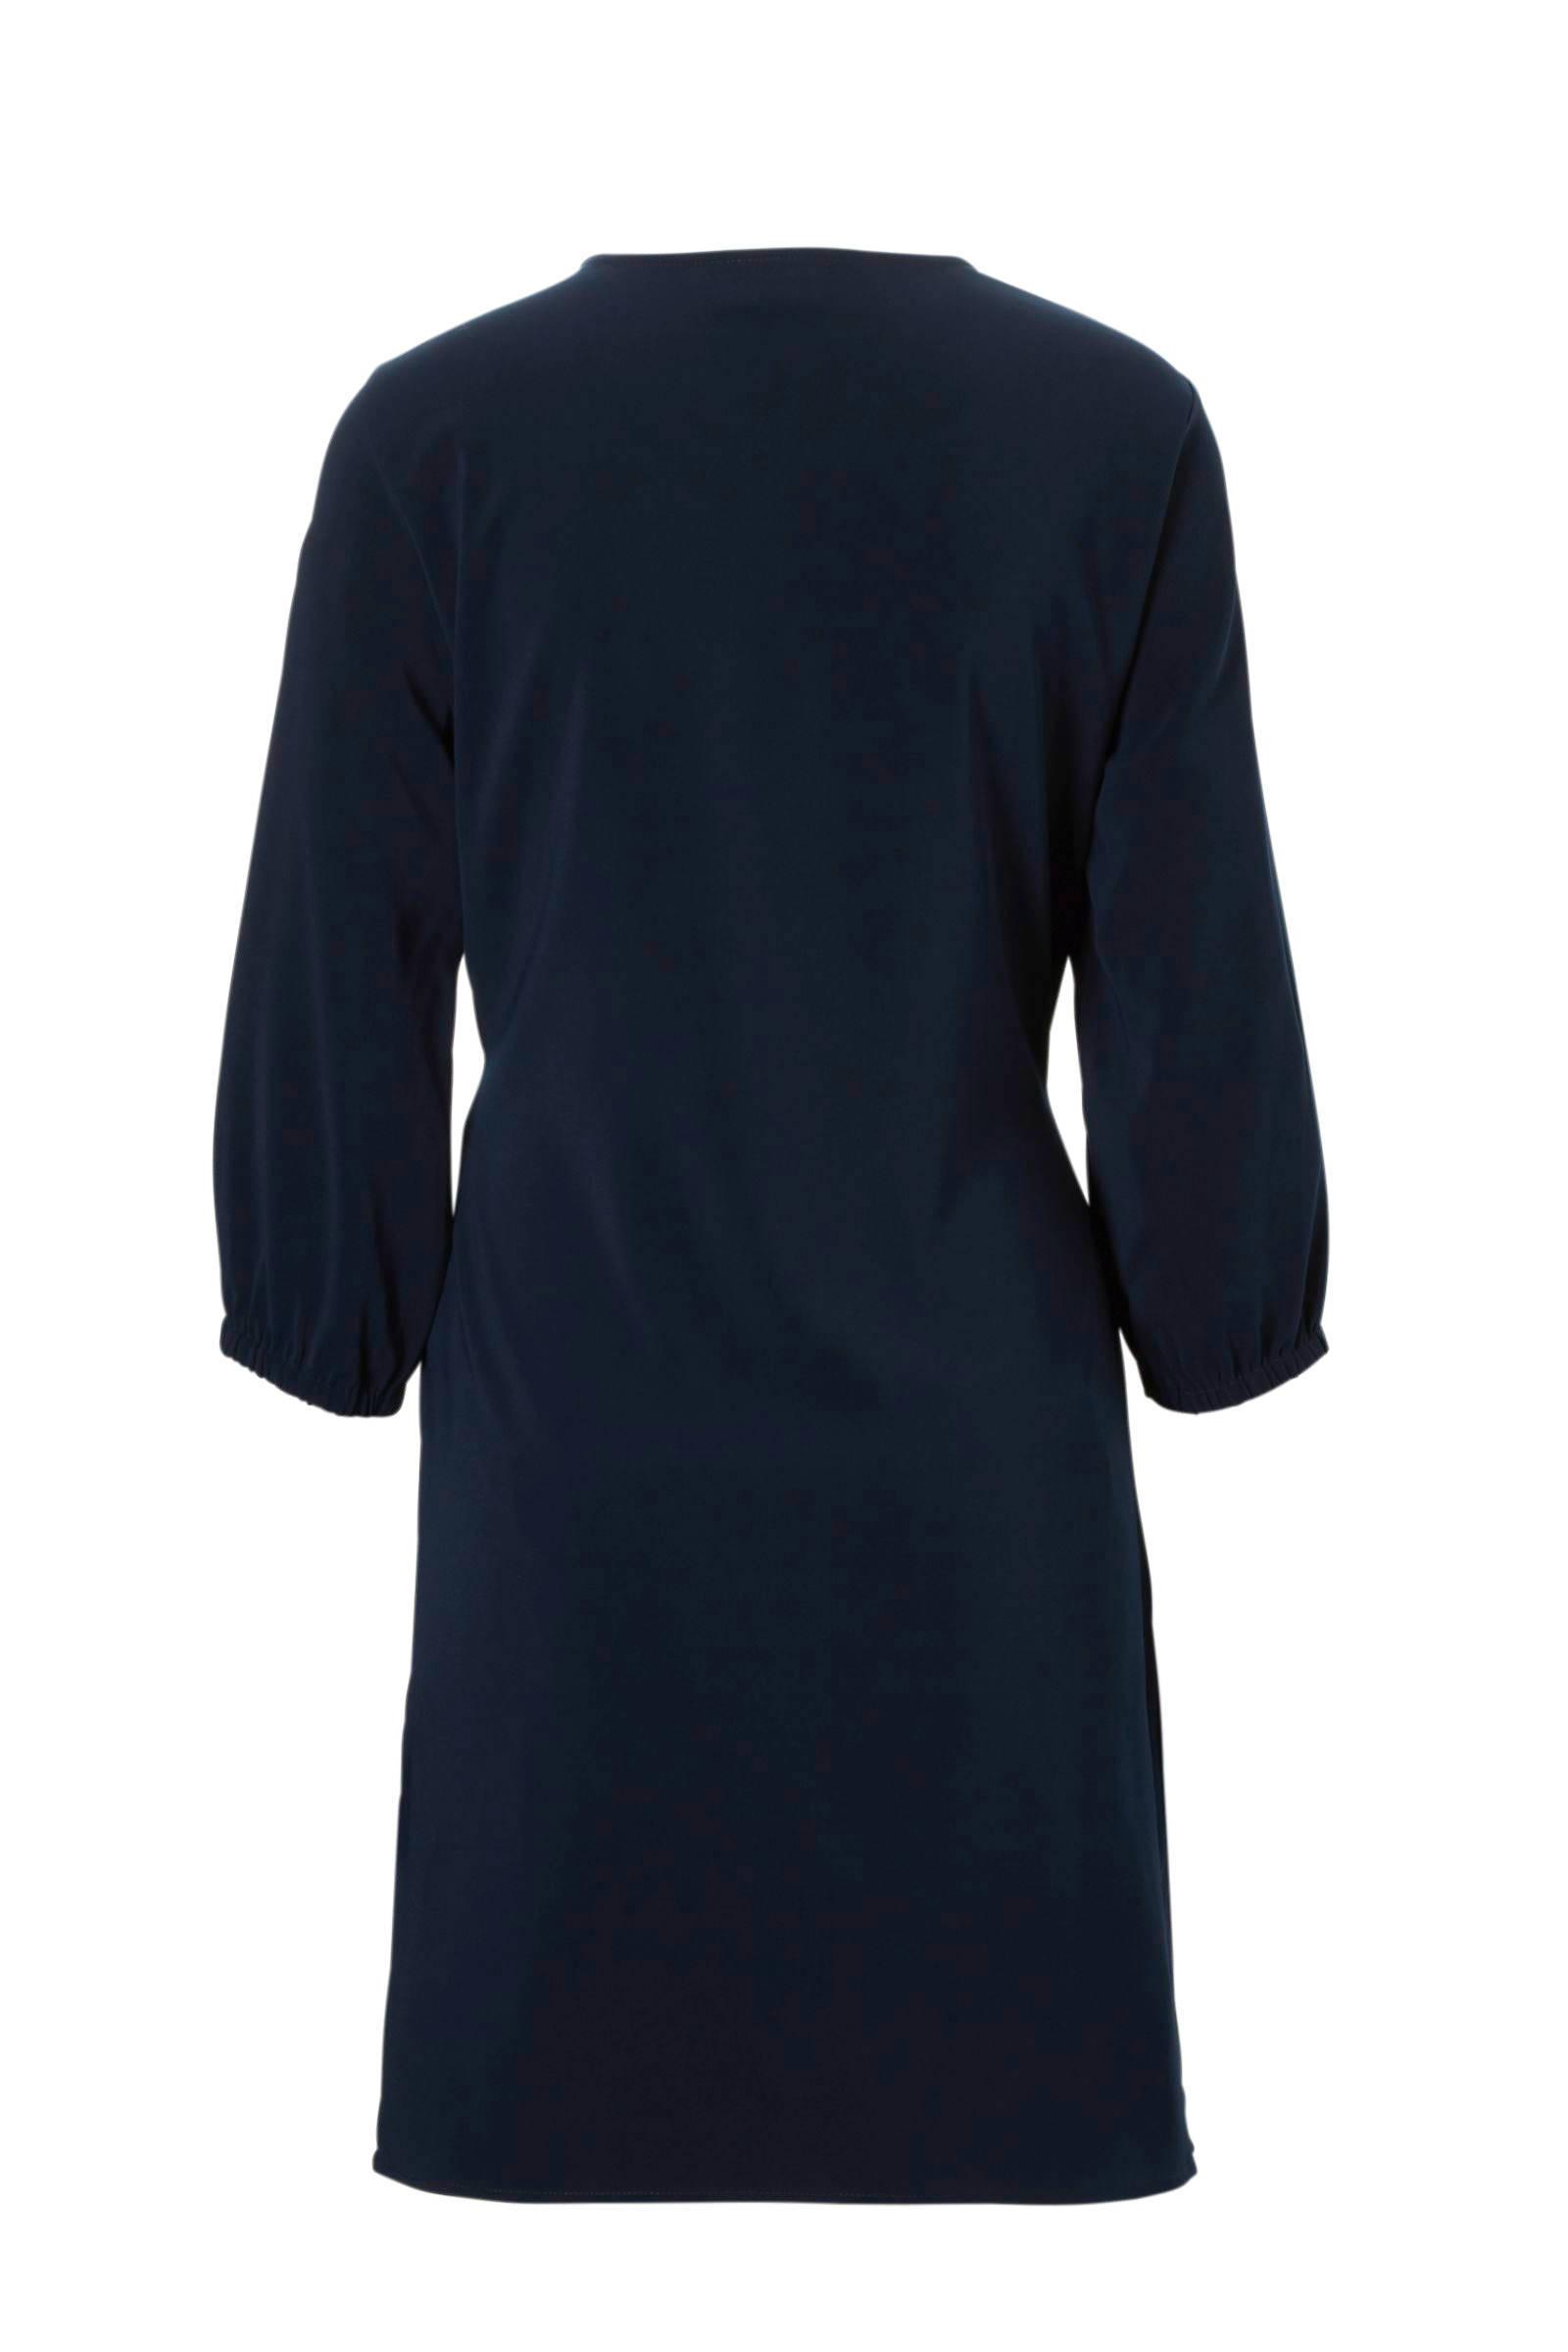 details VILA jurk VILA knoop met jurk wBZX8q8